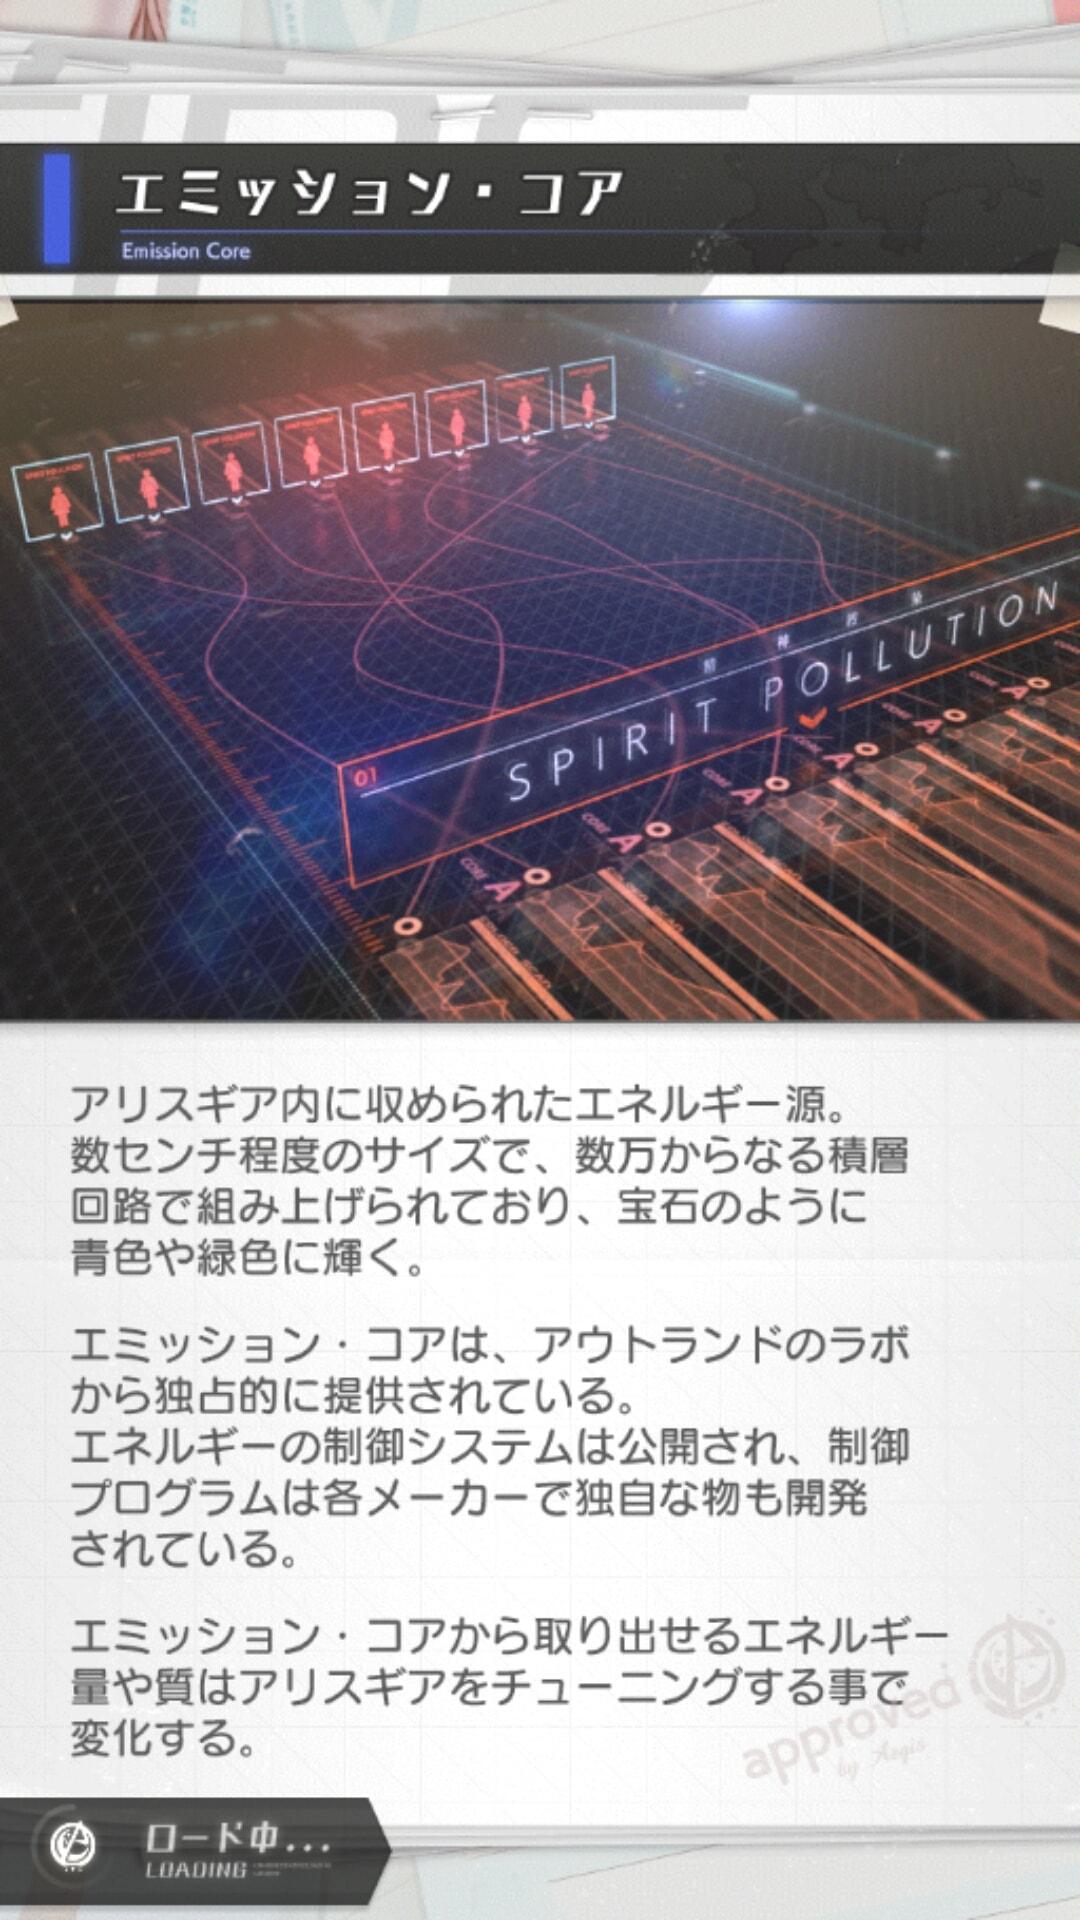 エミッション・コア.jpg